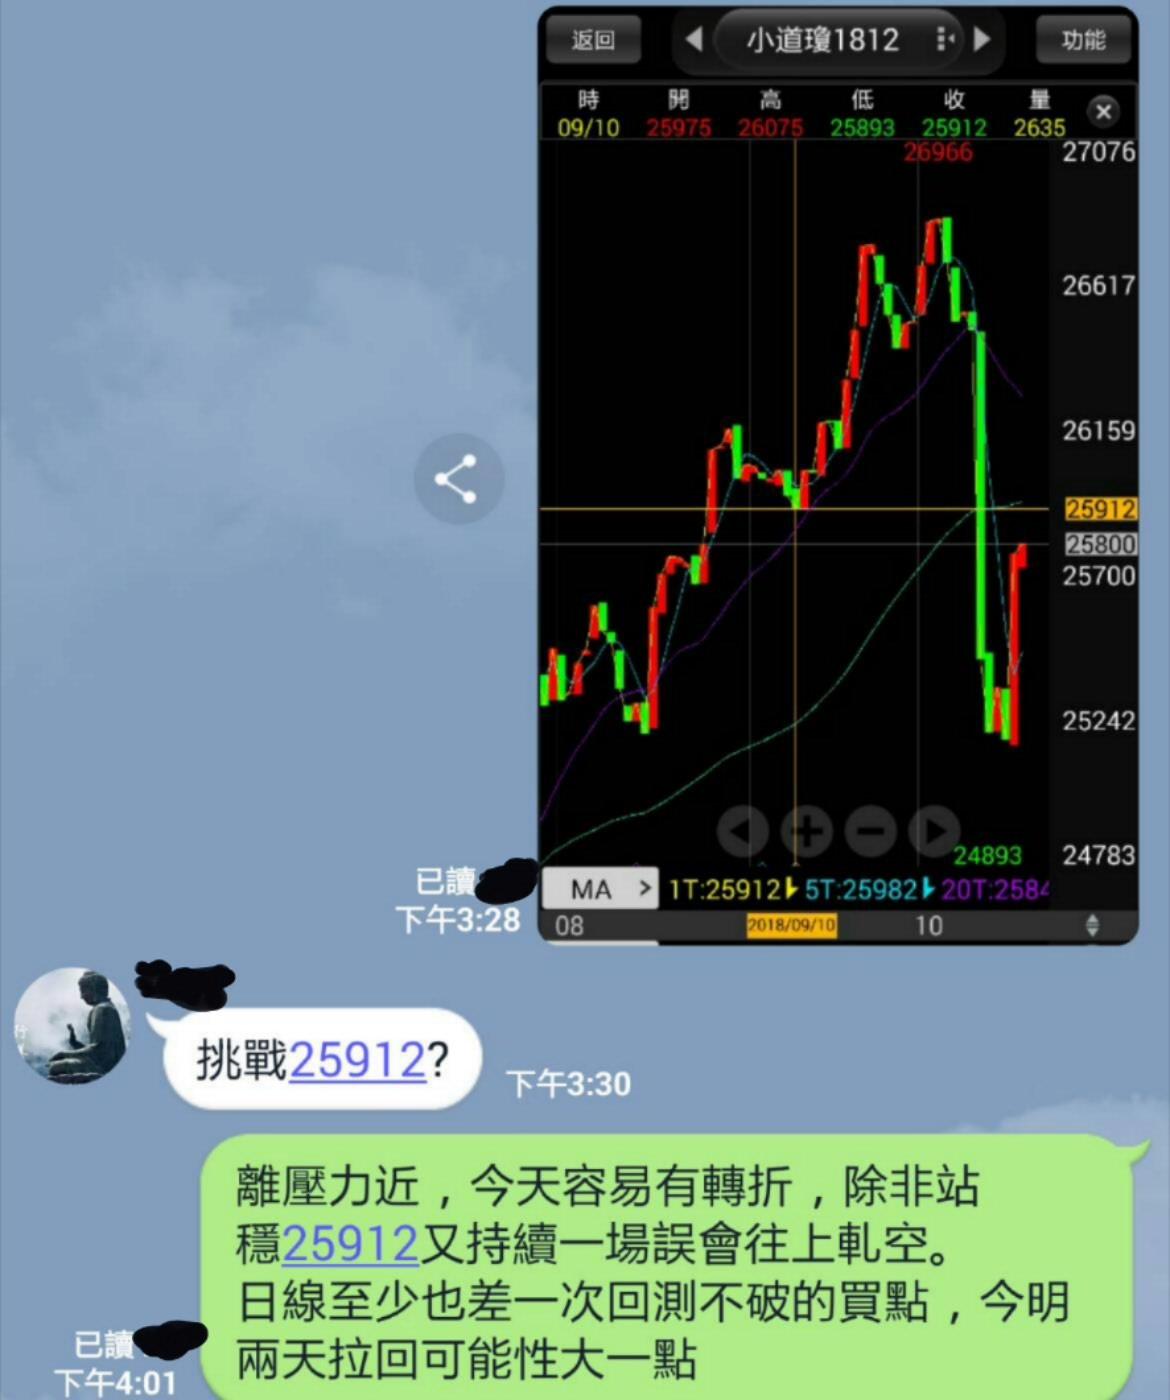 避開股災平安快樂_189